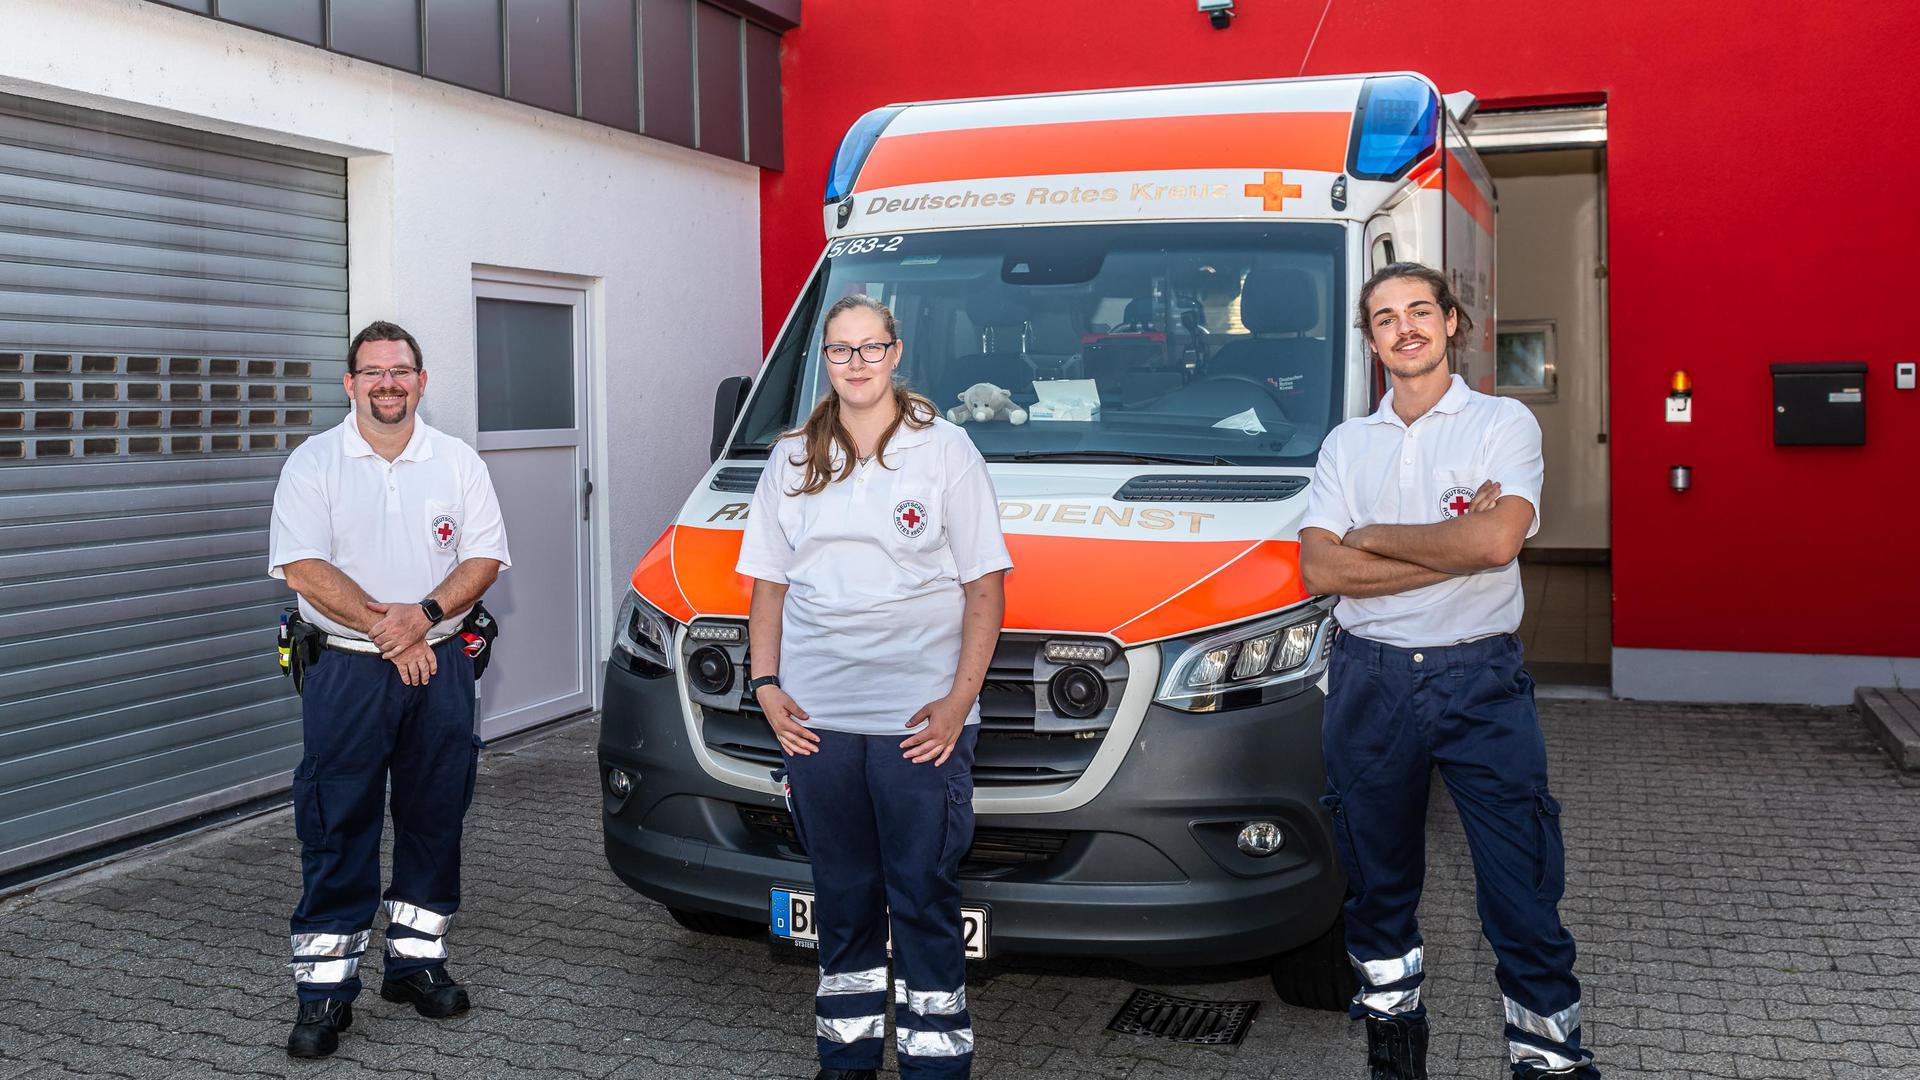 Rettungswachenleiter Joachim Schöneberg mit den Mitarbeitern Stephanie Wundsch und Marvin Schaum vor der Rettungswache Gernsbach (von links)